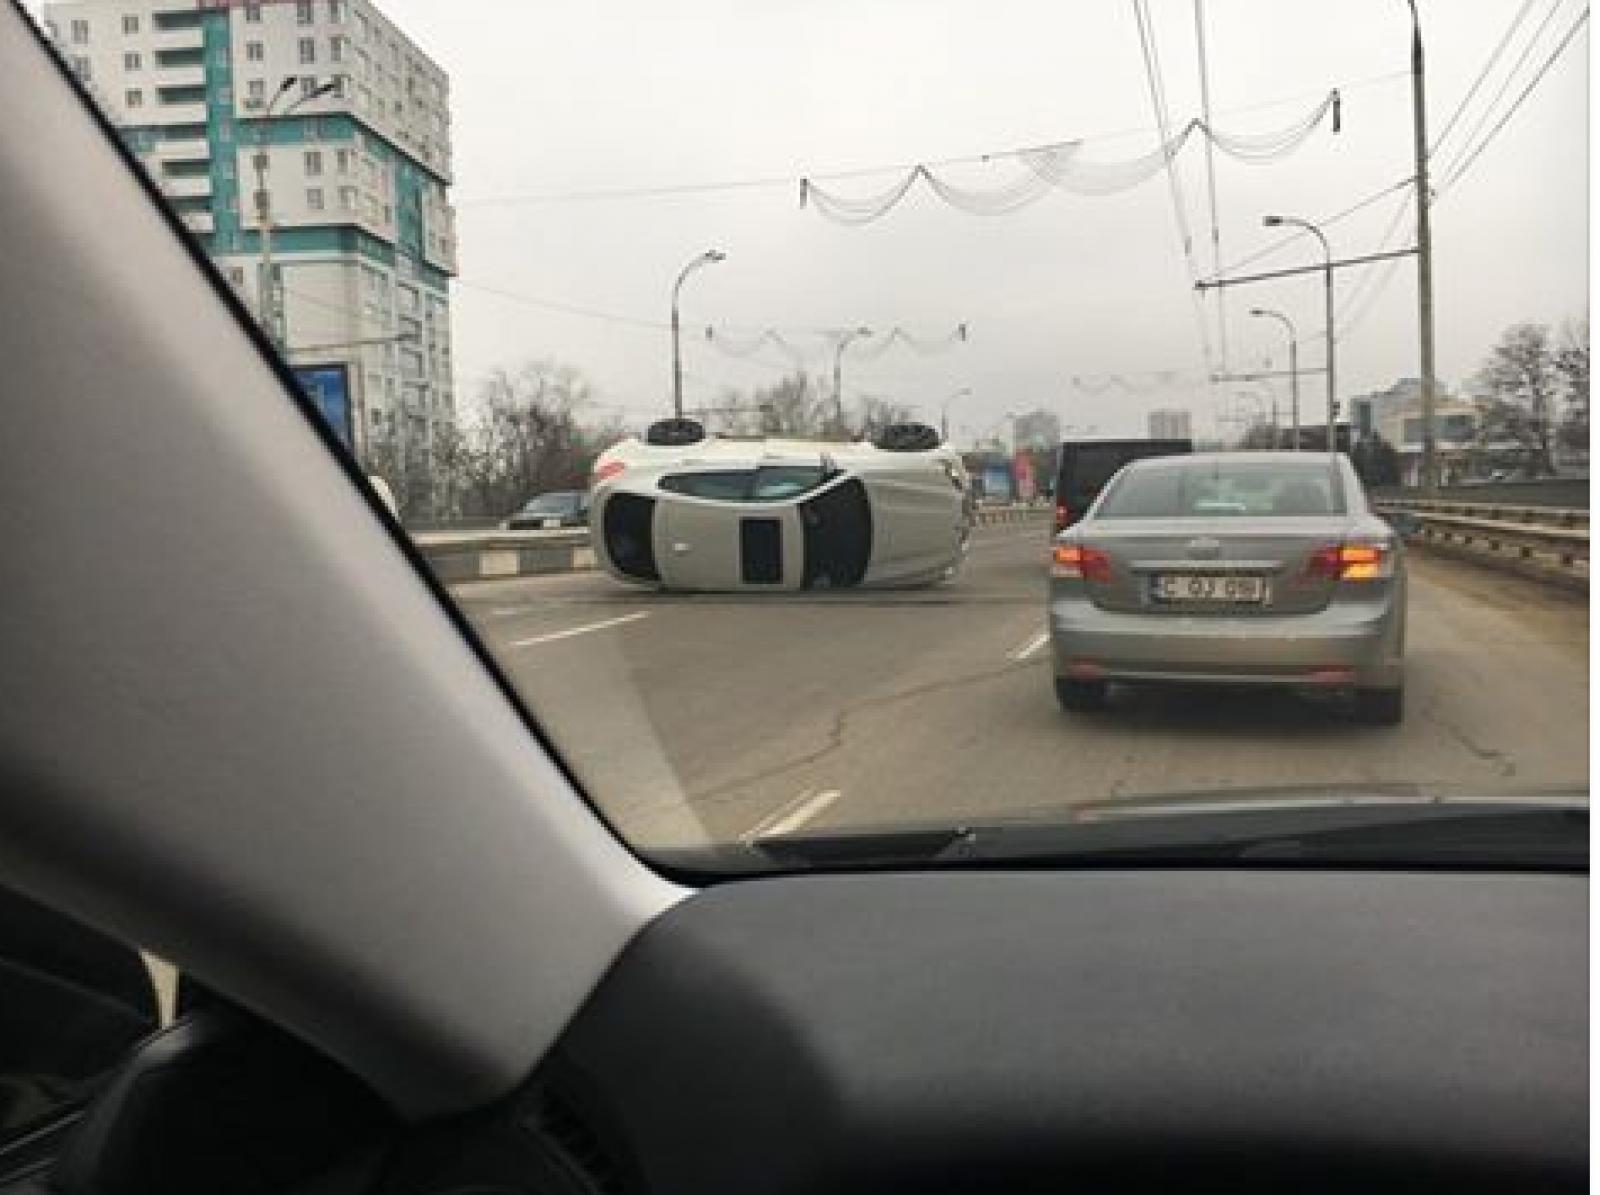 (foto/video) Un automobil de lux s-a inversat pe Viaduct. Traficul rutier de pe bd. Dacia este paralizat